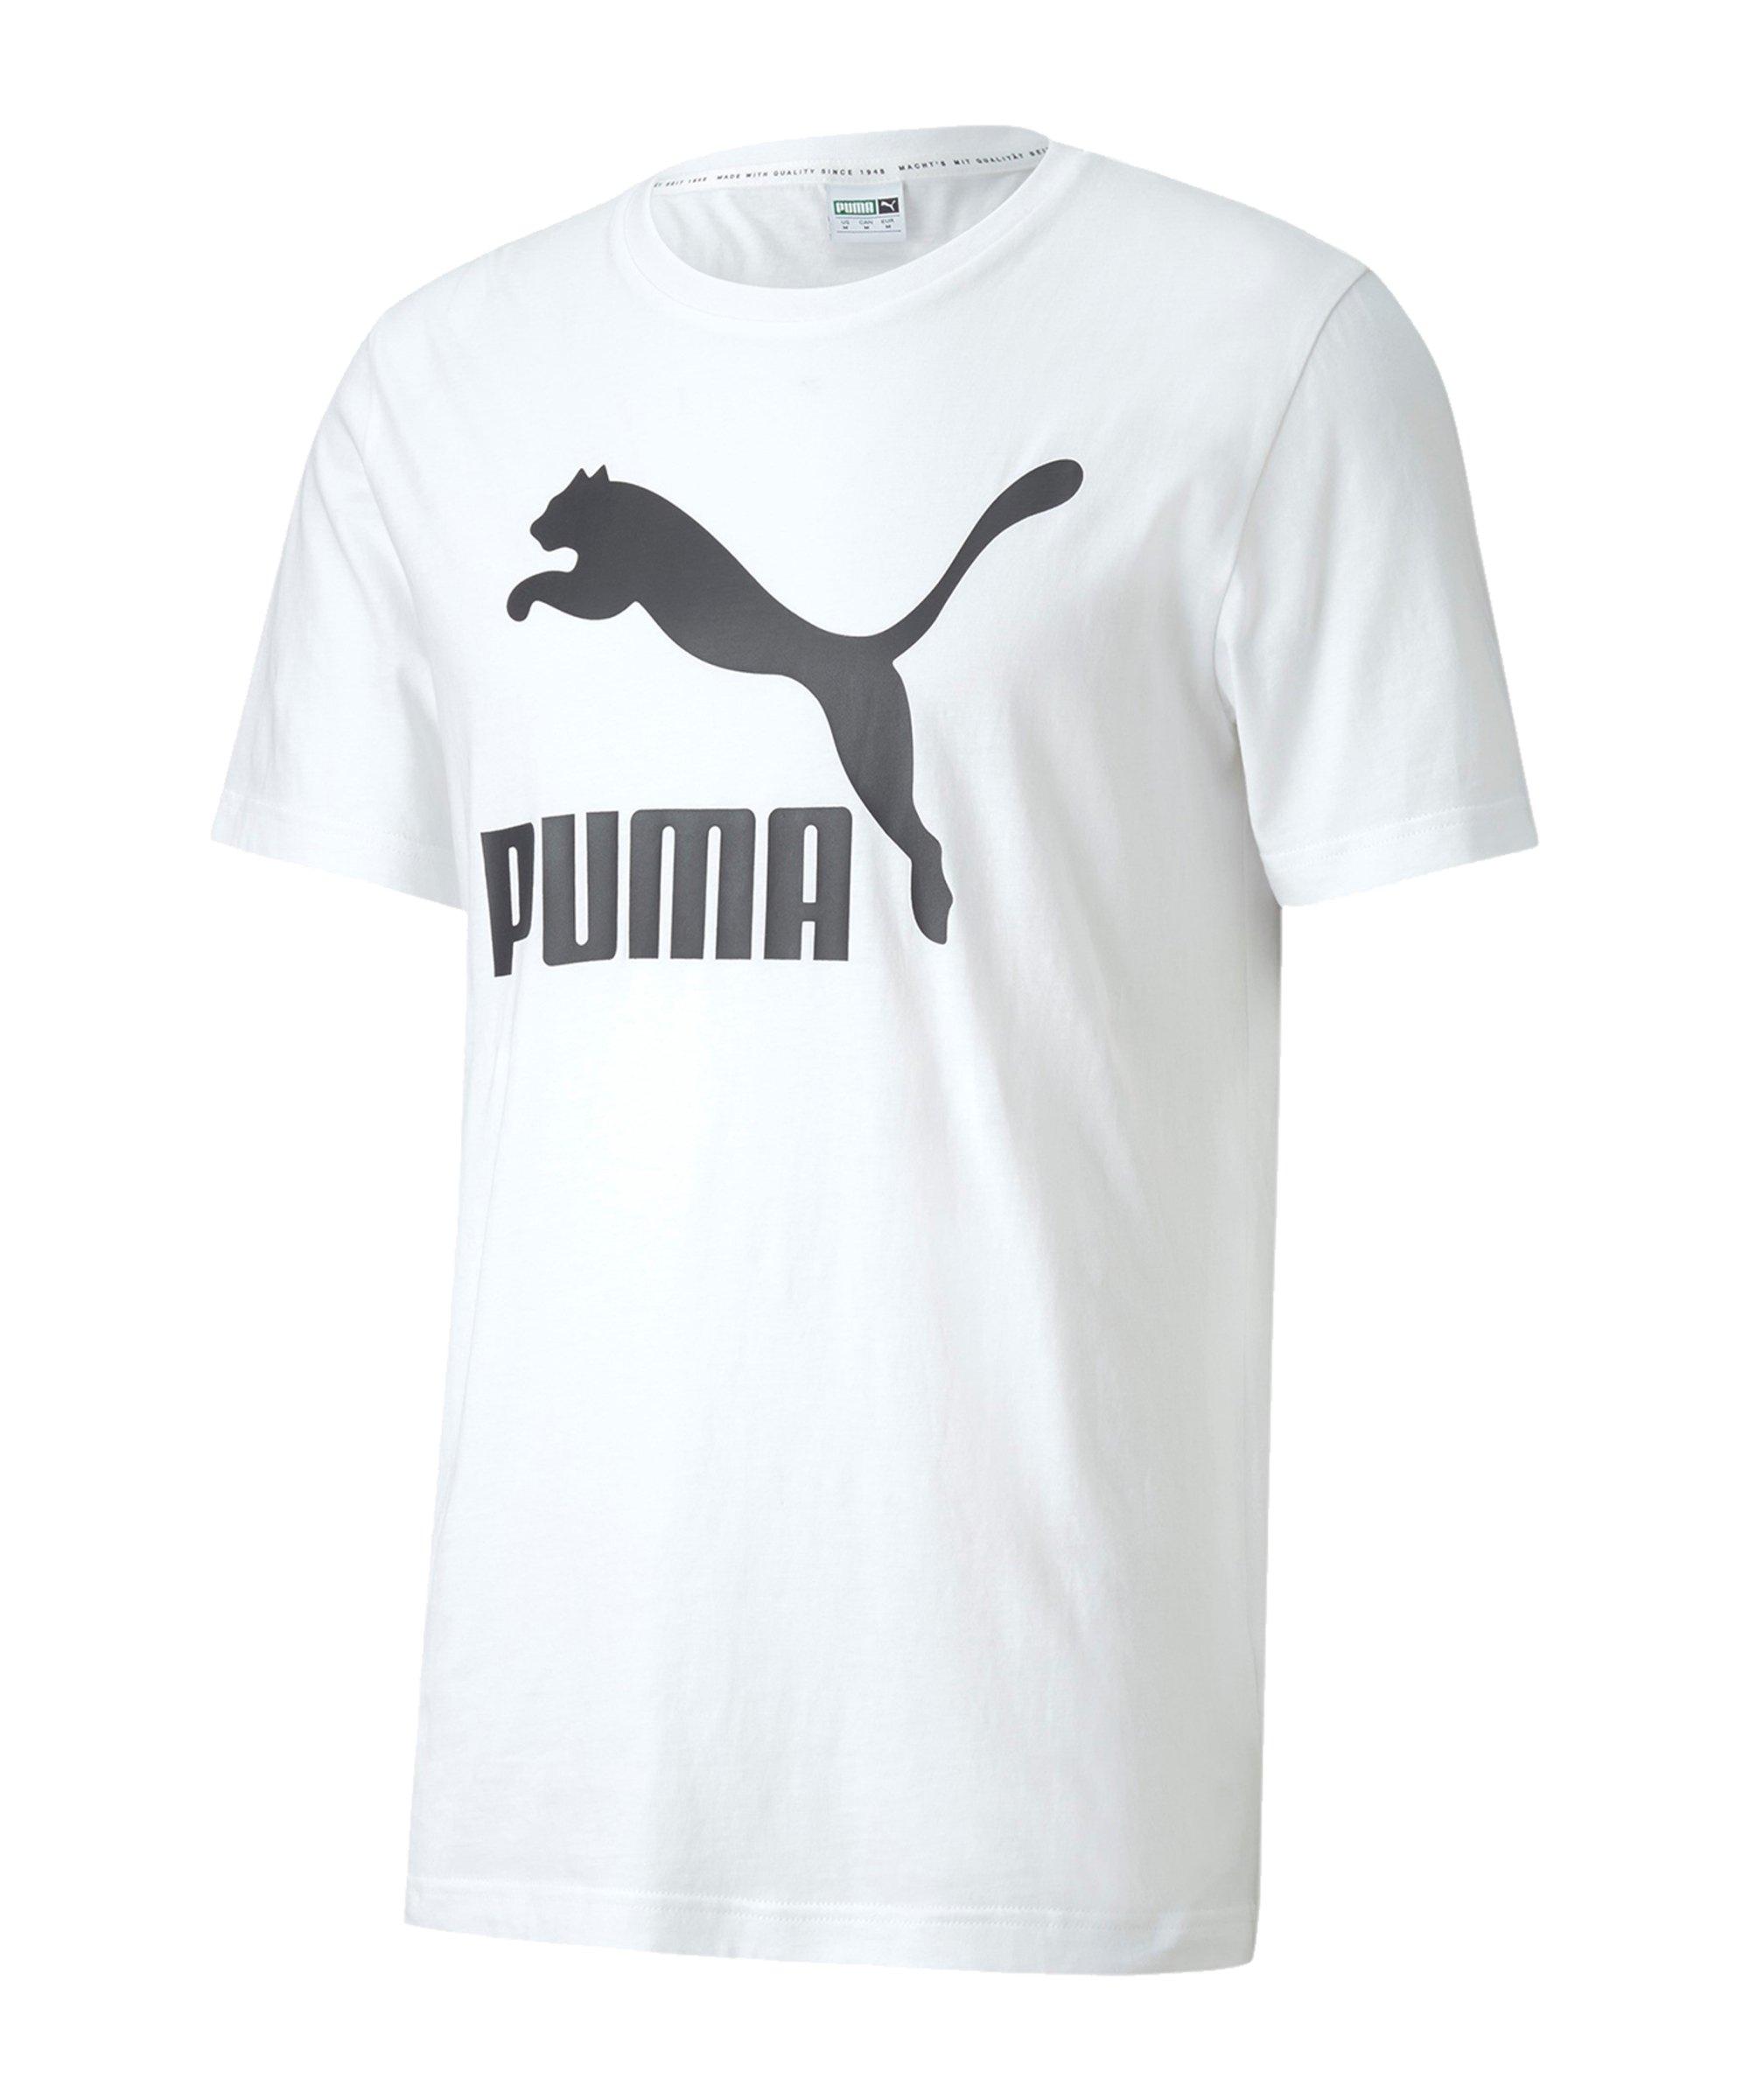 PUMA Classic Logo Tee T-Shirt Weiss F02 - weiss